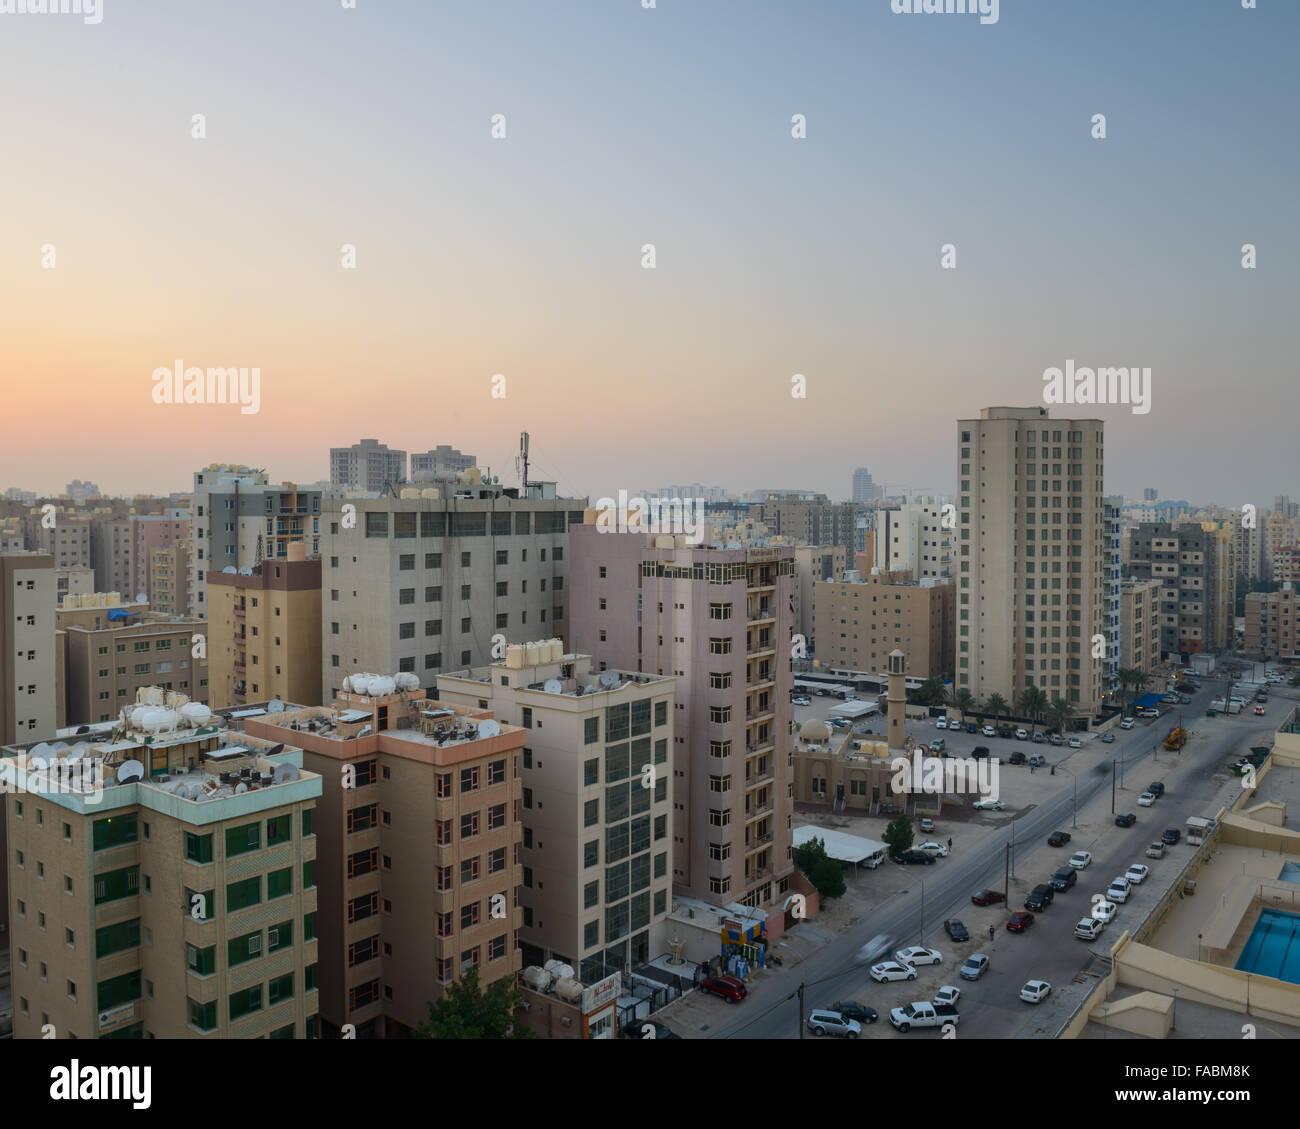 Mahboula, Kuwait - Stock Image